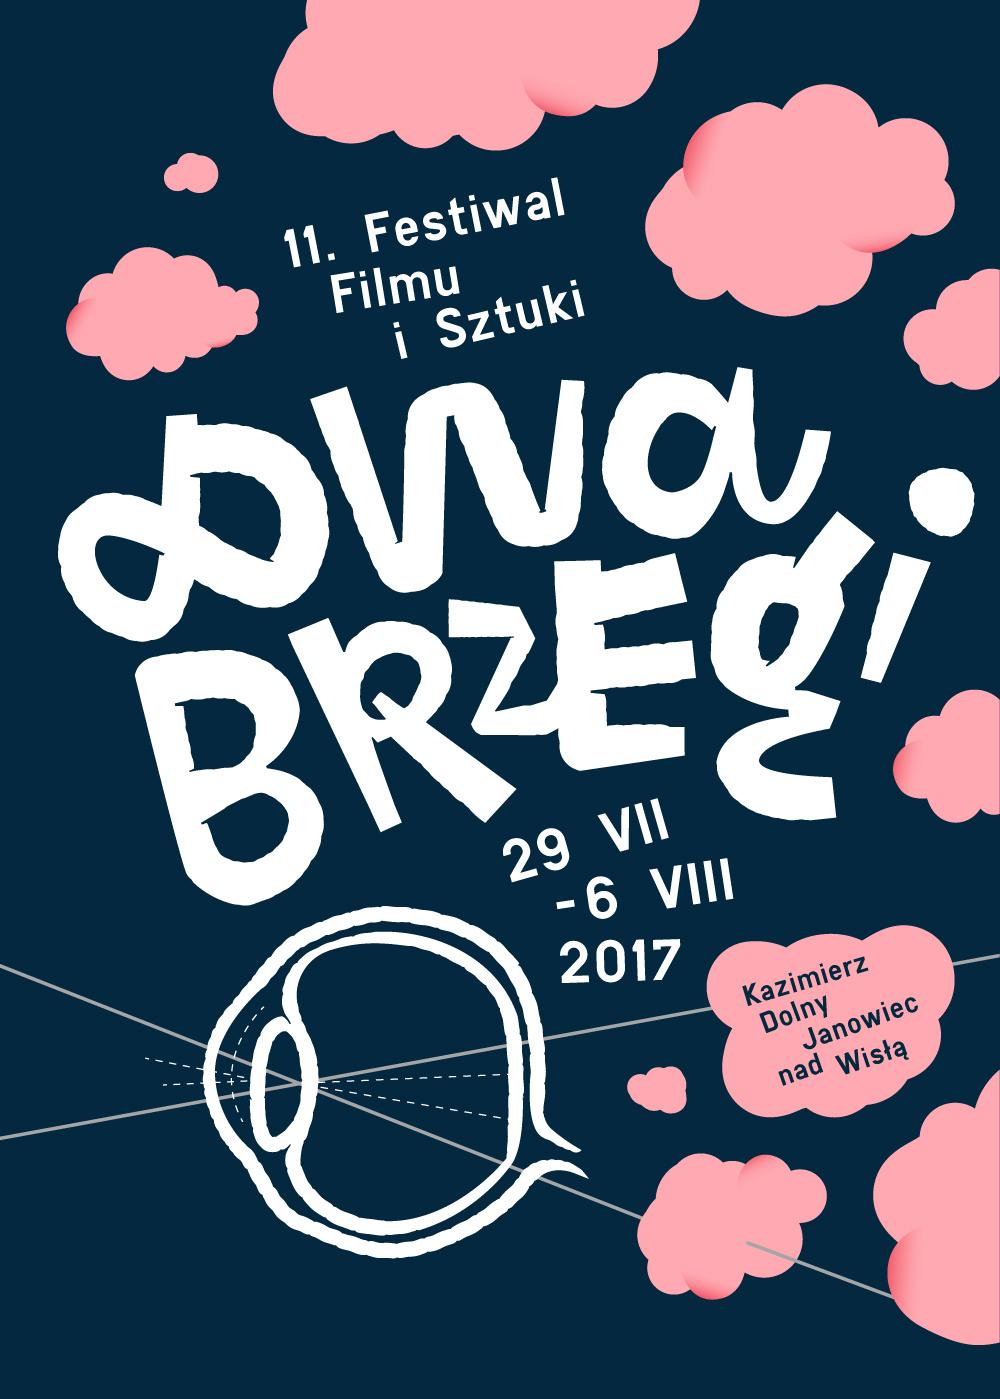 11. Festiwal Filmu i Sztuki Dwa Brzegi w Kazimierzu Dolnym i Janowcu nad Wisłą (źródło: materiały prasowe organizatora)